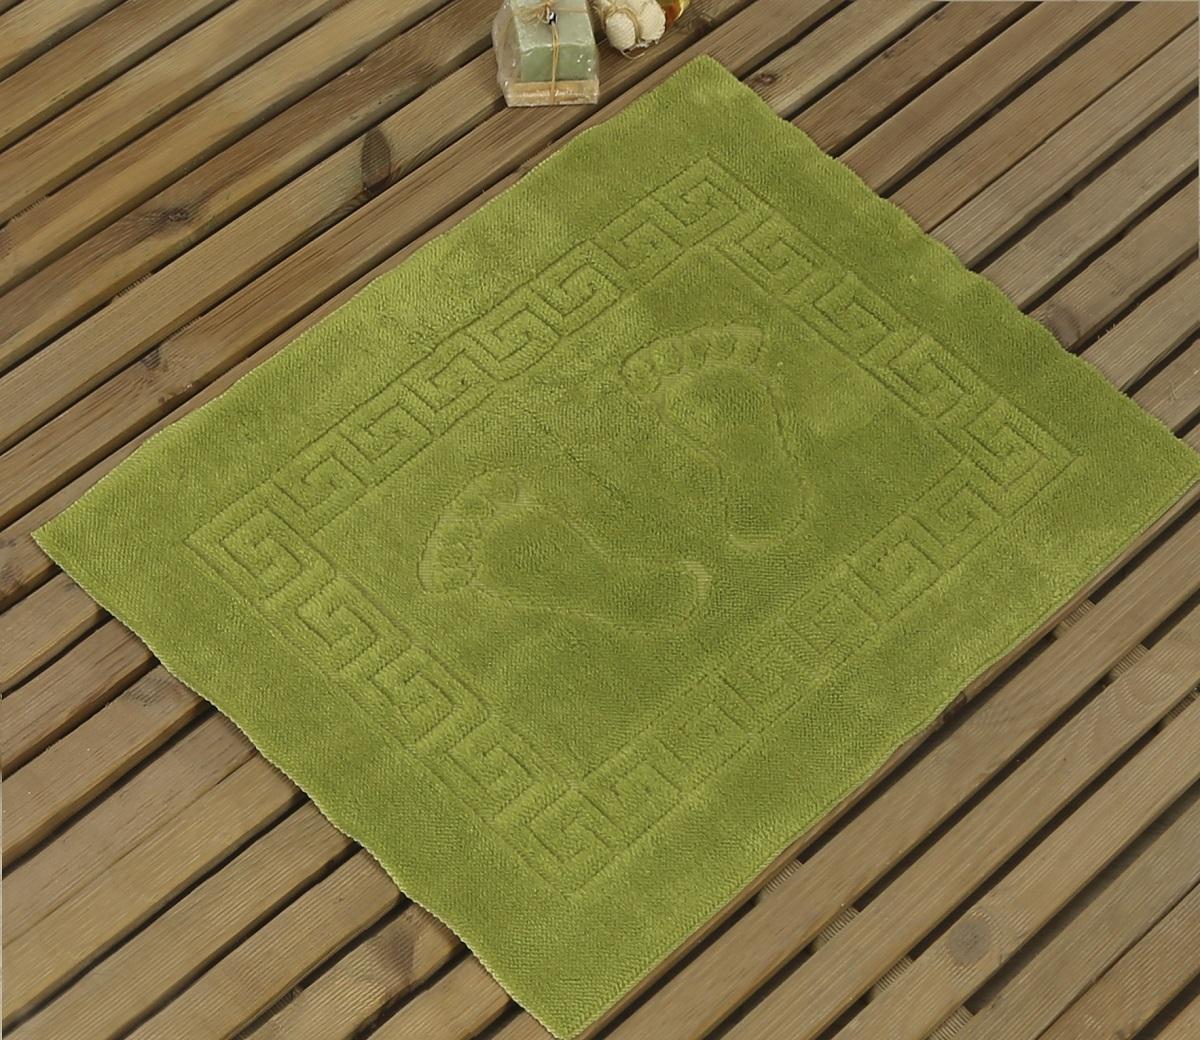 Коврик для ванной Karna Likya , цвет: зеленый, 50 х 70 см631/CHAR019Коврик Karna сделан из 100% полиэстера. Полиэстер является синтетическим волокном. Ткань, полностью изготовленная из полиэстера, даже после увлажнения, очень быстро сохнет. Изделия из полиэстера практически не требовательны к уходу и обладают высокой устойчивостью к износу. Изделия из полиэстера не мнутся и легко стираются, после стирки очень быстро высыхают. Материал очень прочный, за время использования не растягивается и не садится. А так же обладает высокой влагонепроницаемостью.